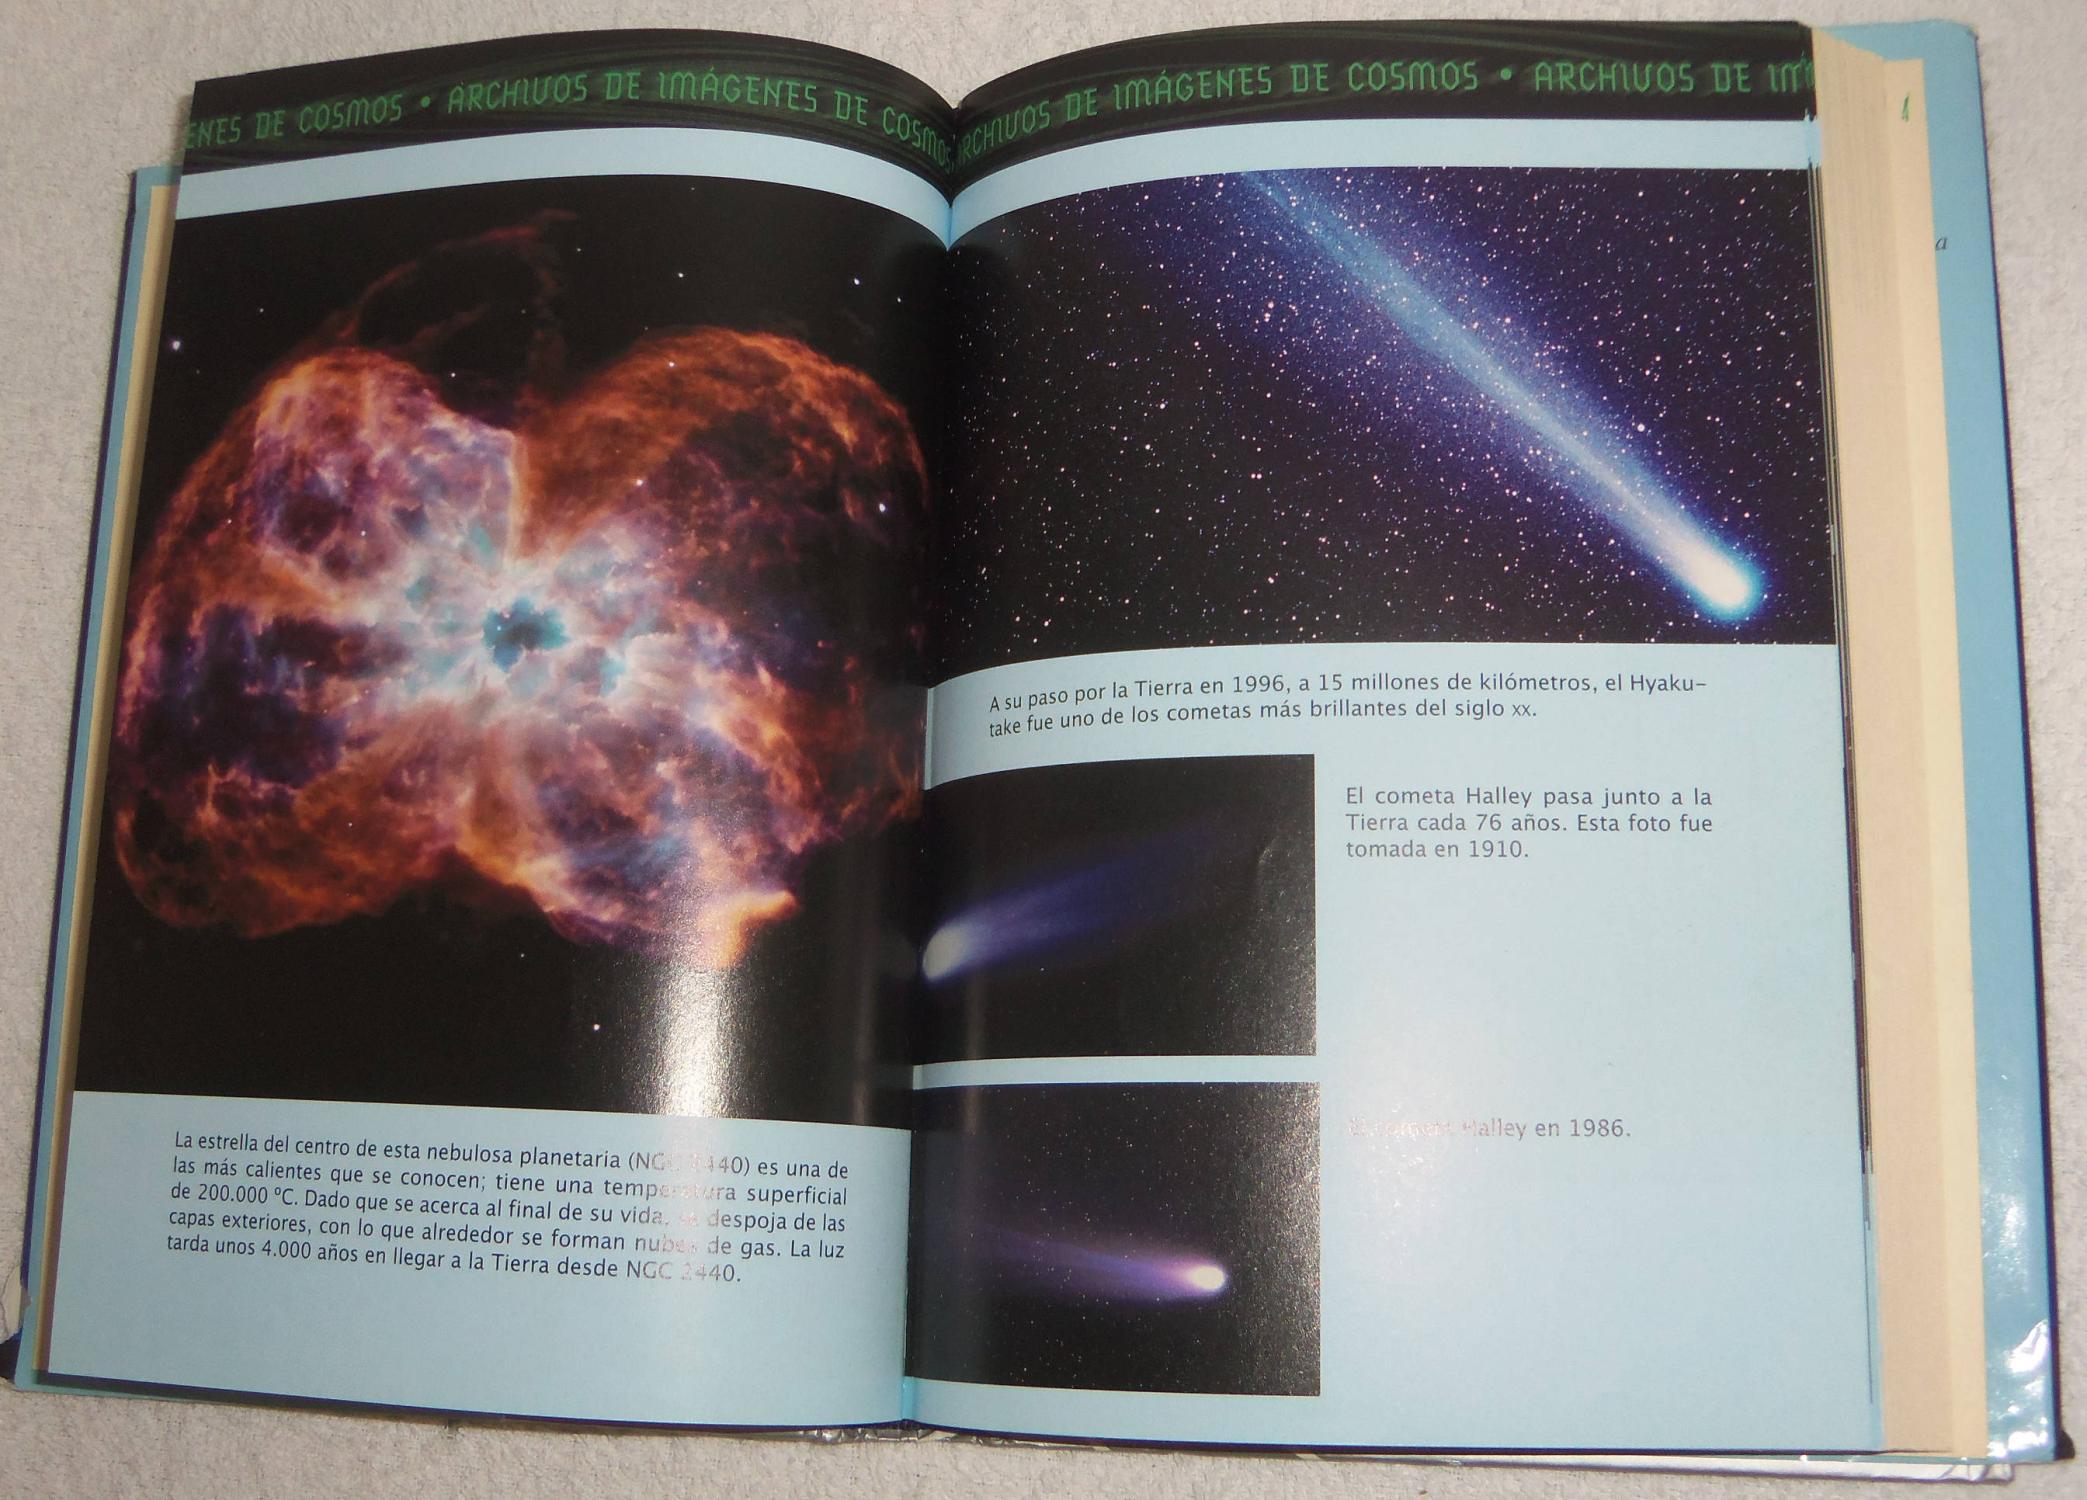 ... La clave secreta del Universo: Hawking, Lucy y Stephen